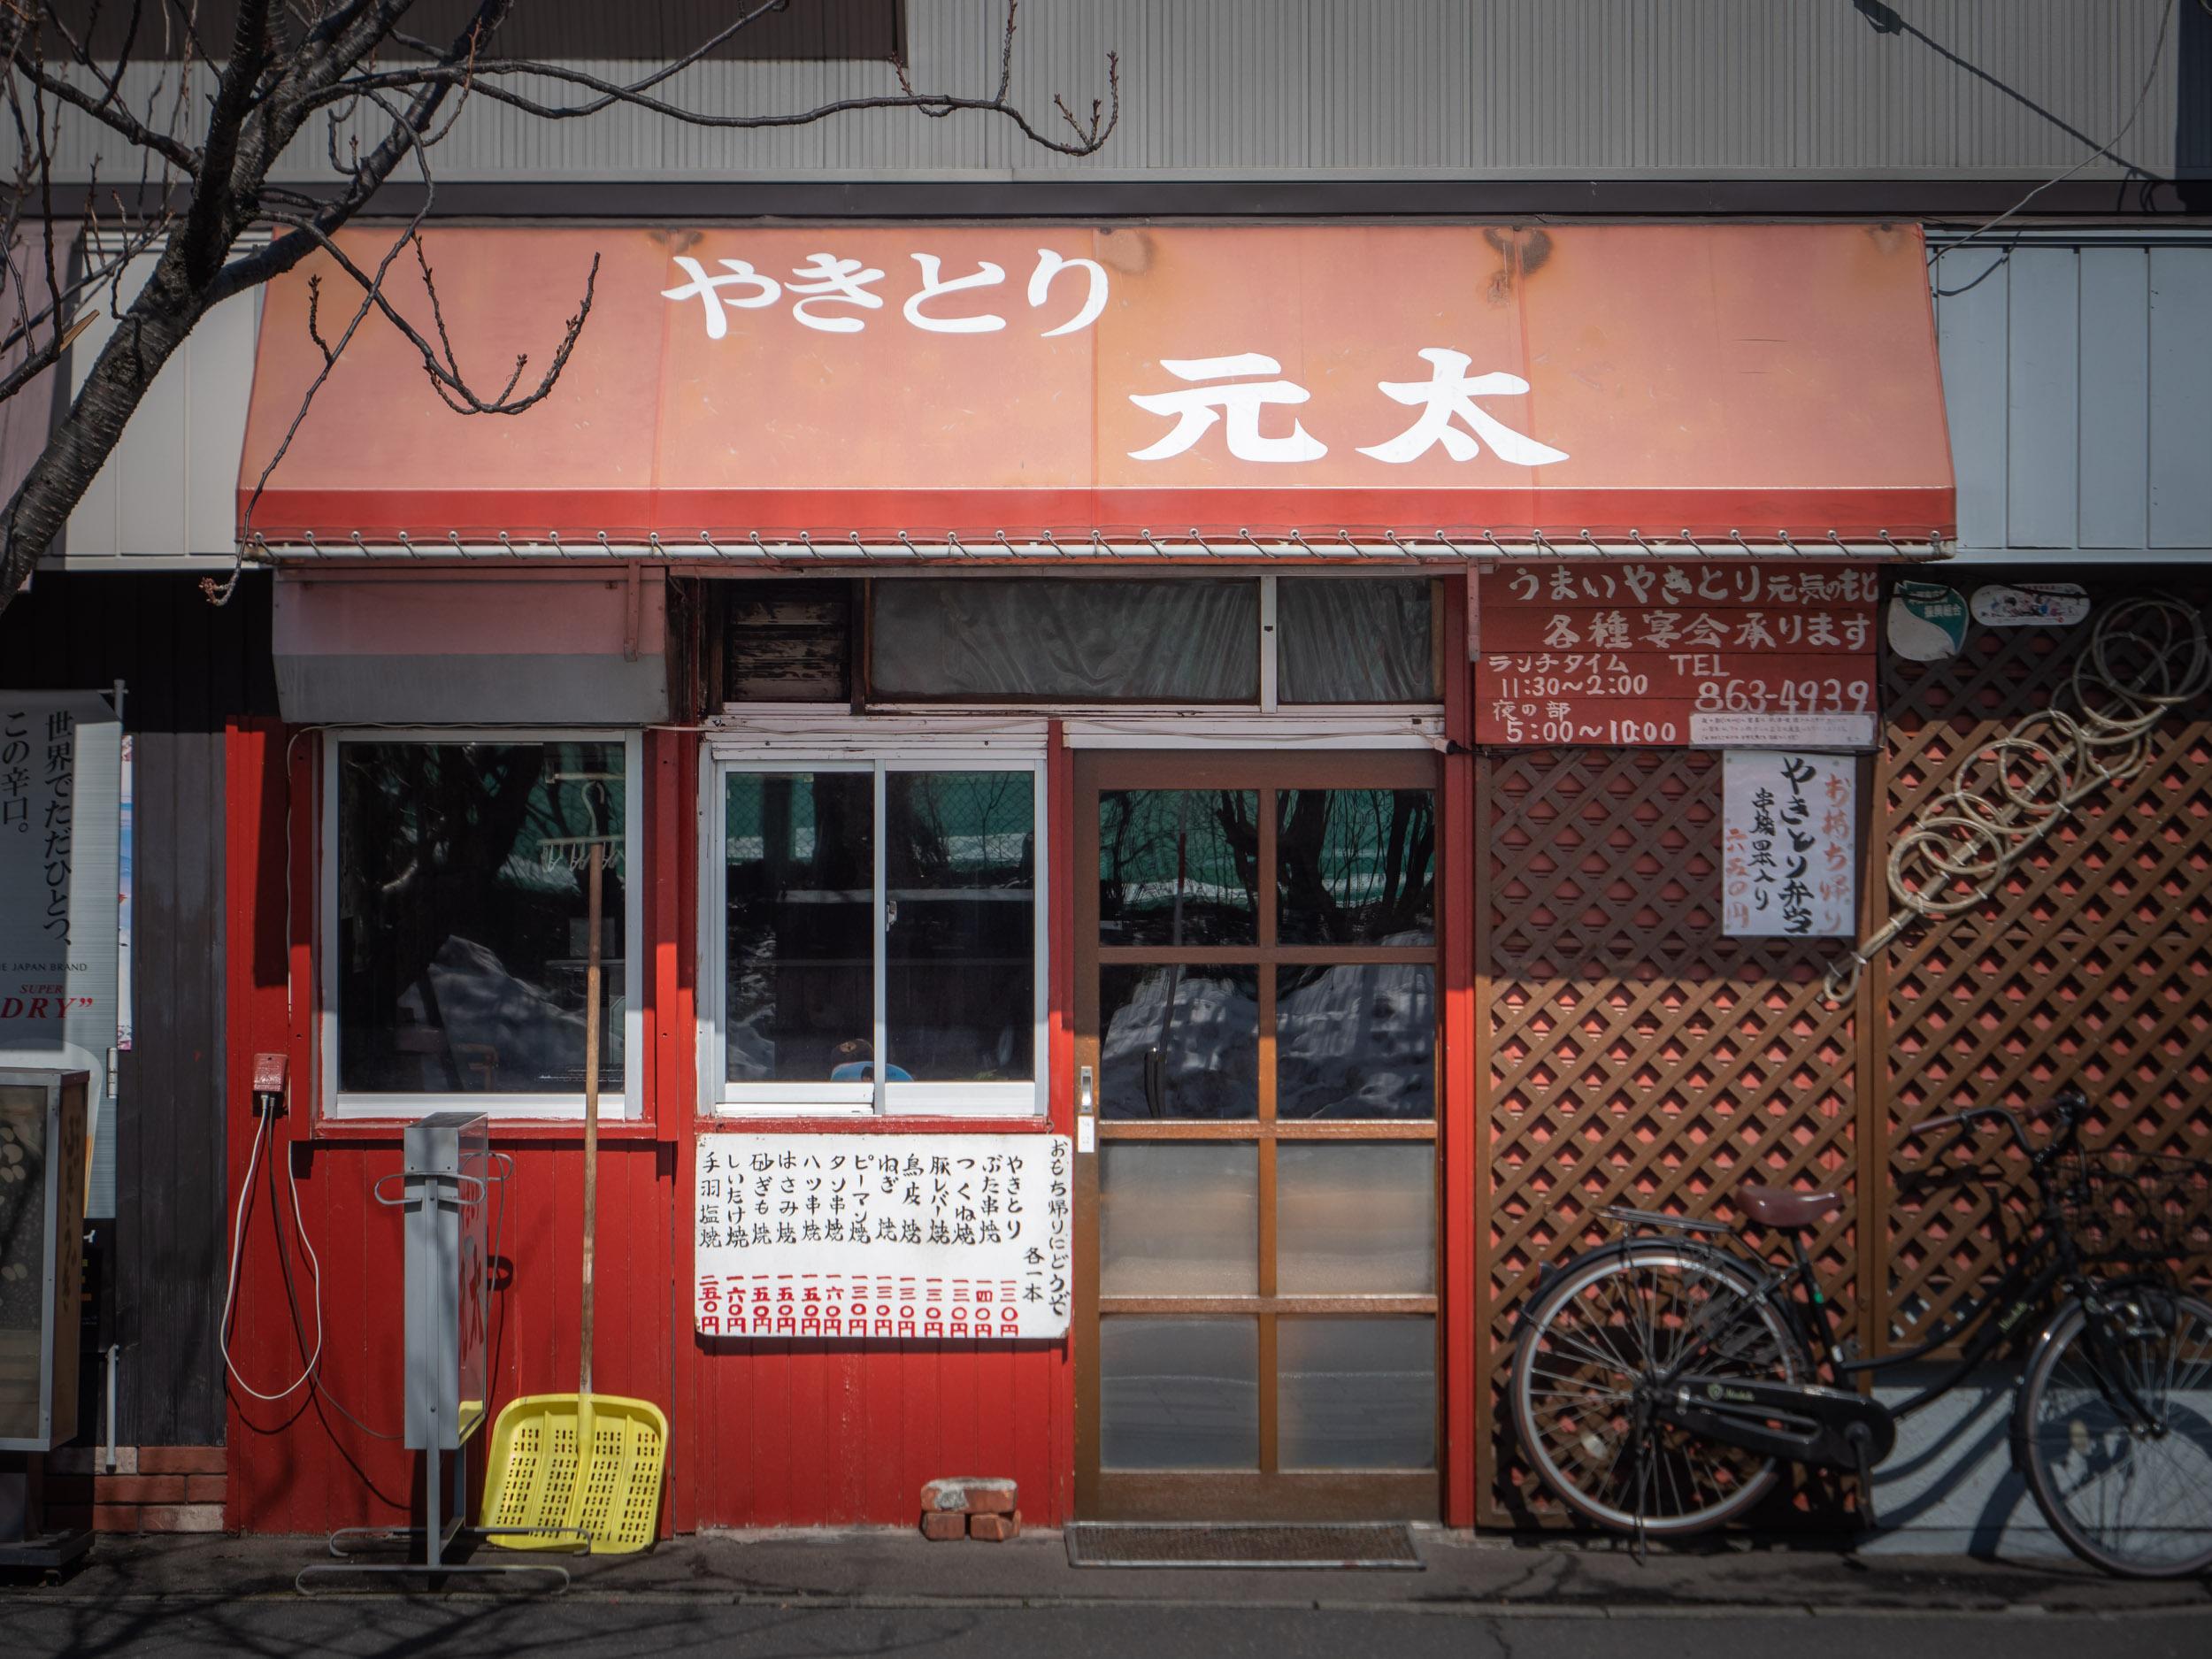 札幌市白石区本郷通6丁目北1−23「やきとり 元太」の外観 DMC-GX8 + LEICA DG 12-60mm